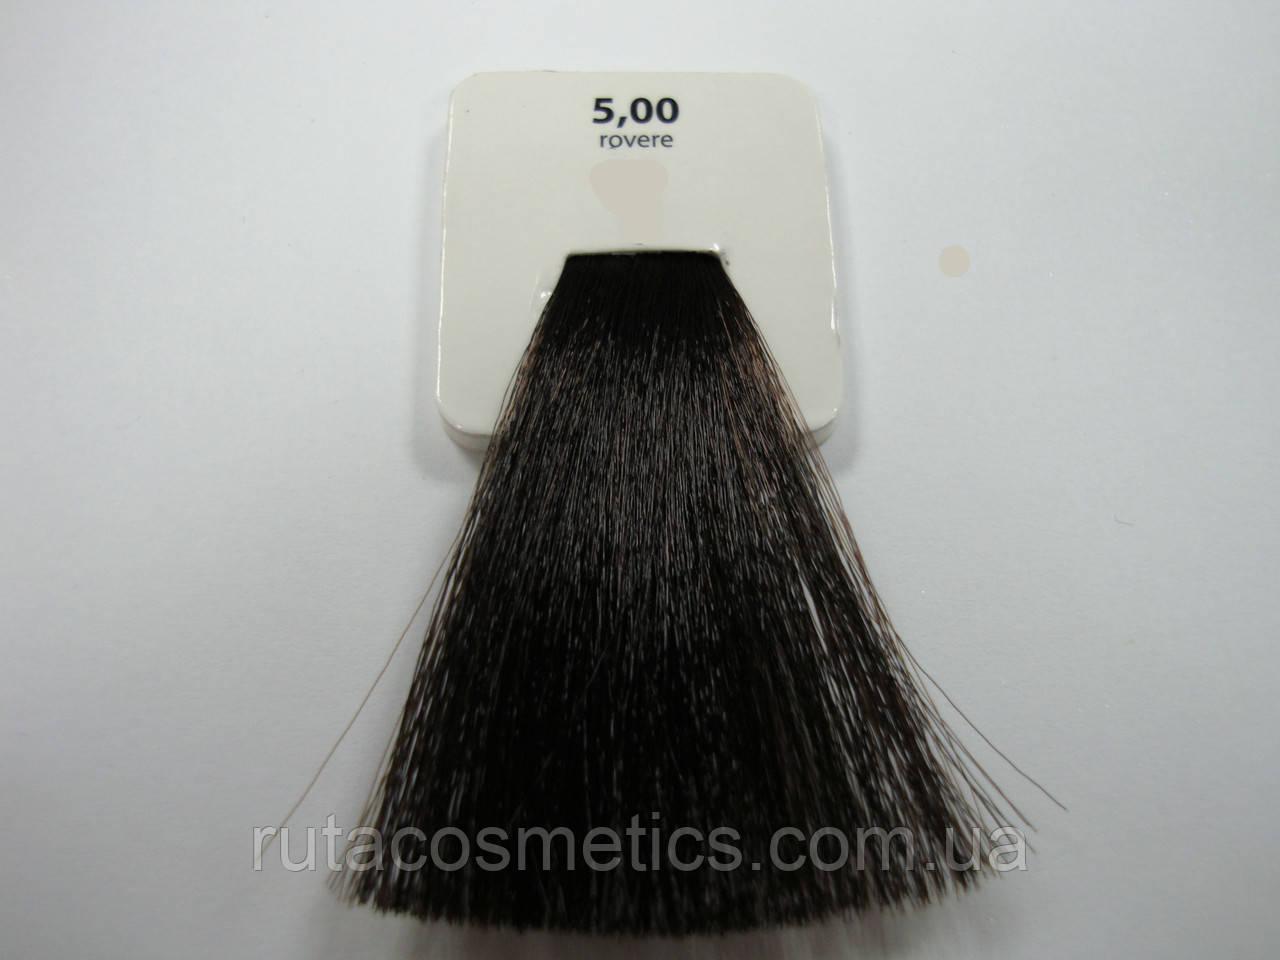 KAARAL SENSE colours крем фарба для волосся 5.00 інтенсивний світлий коричневий